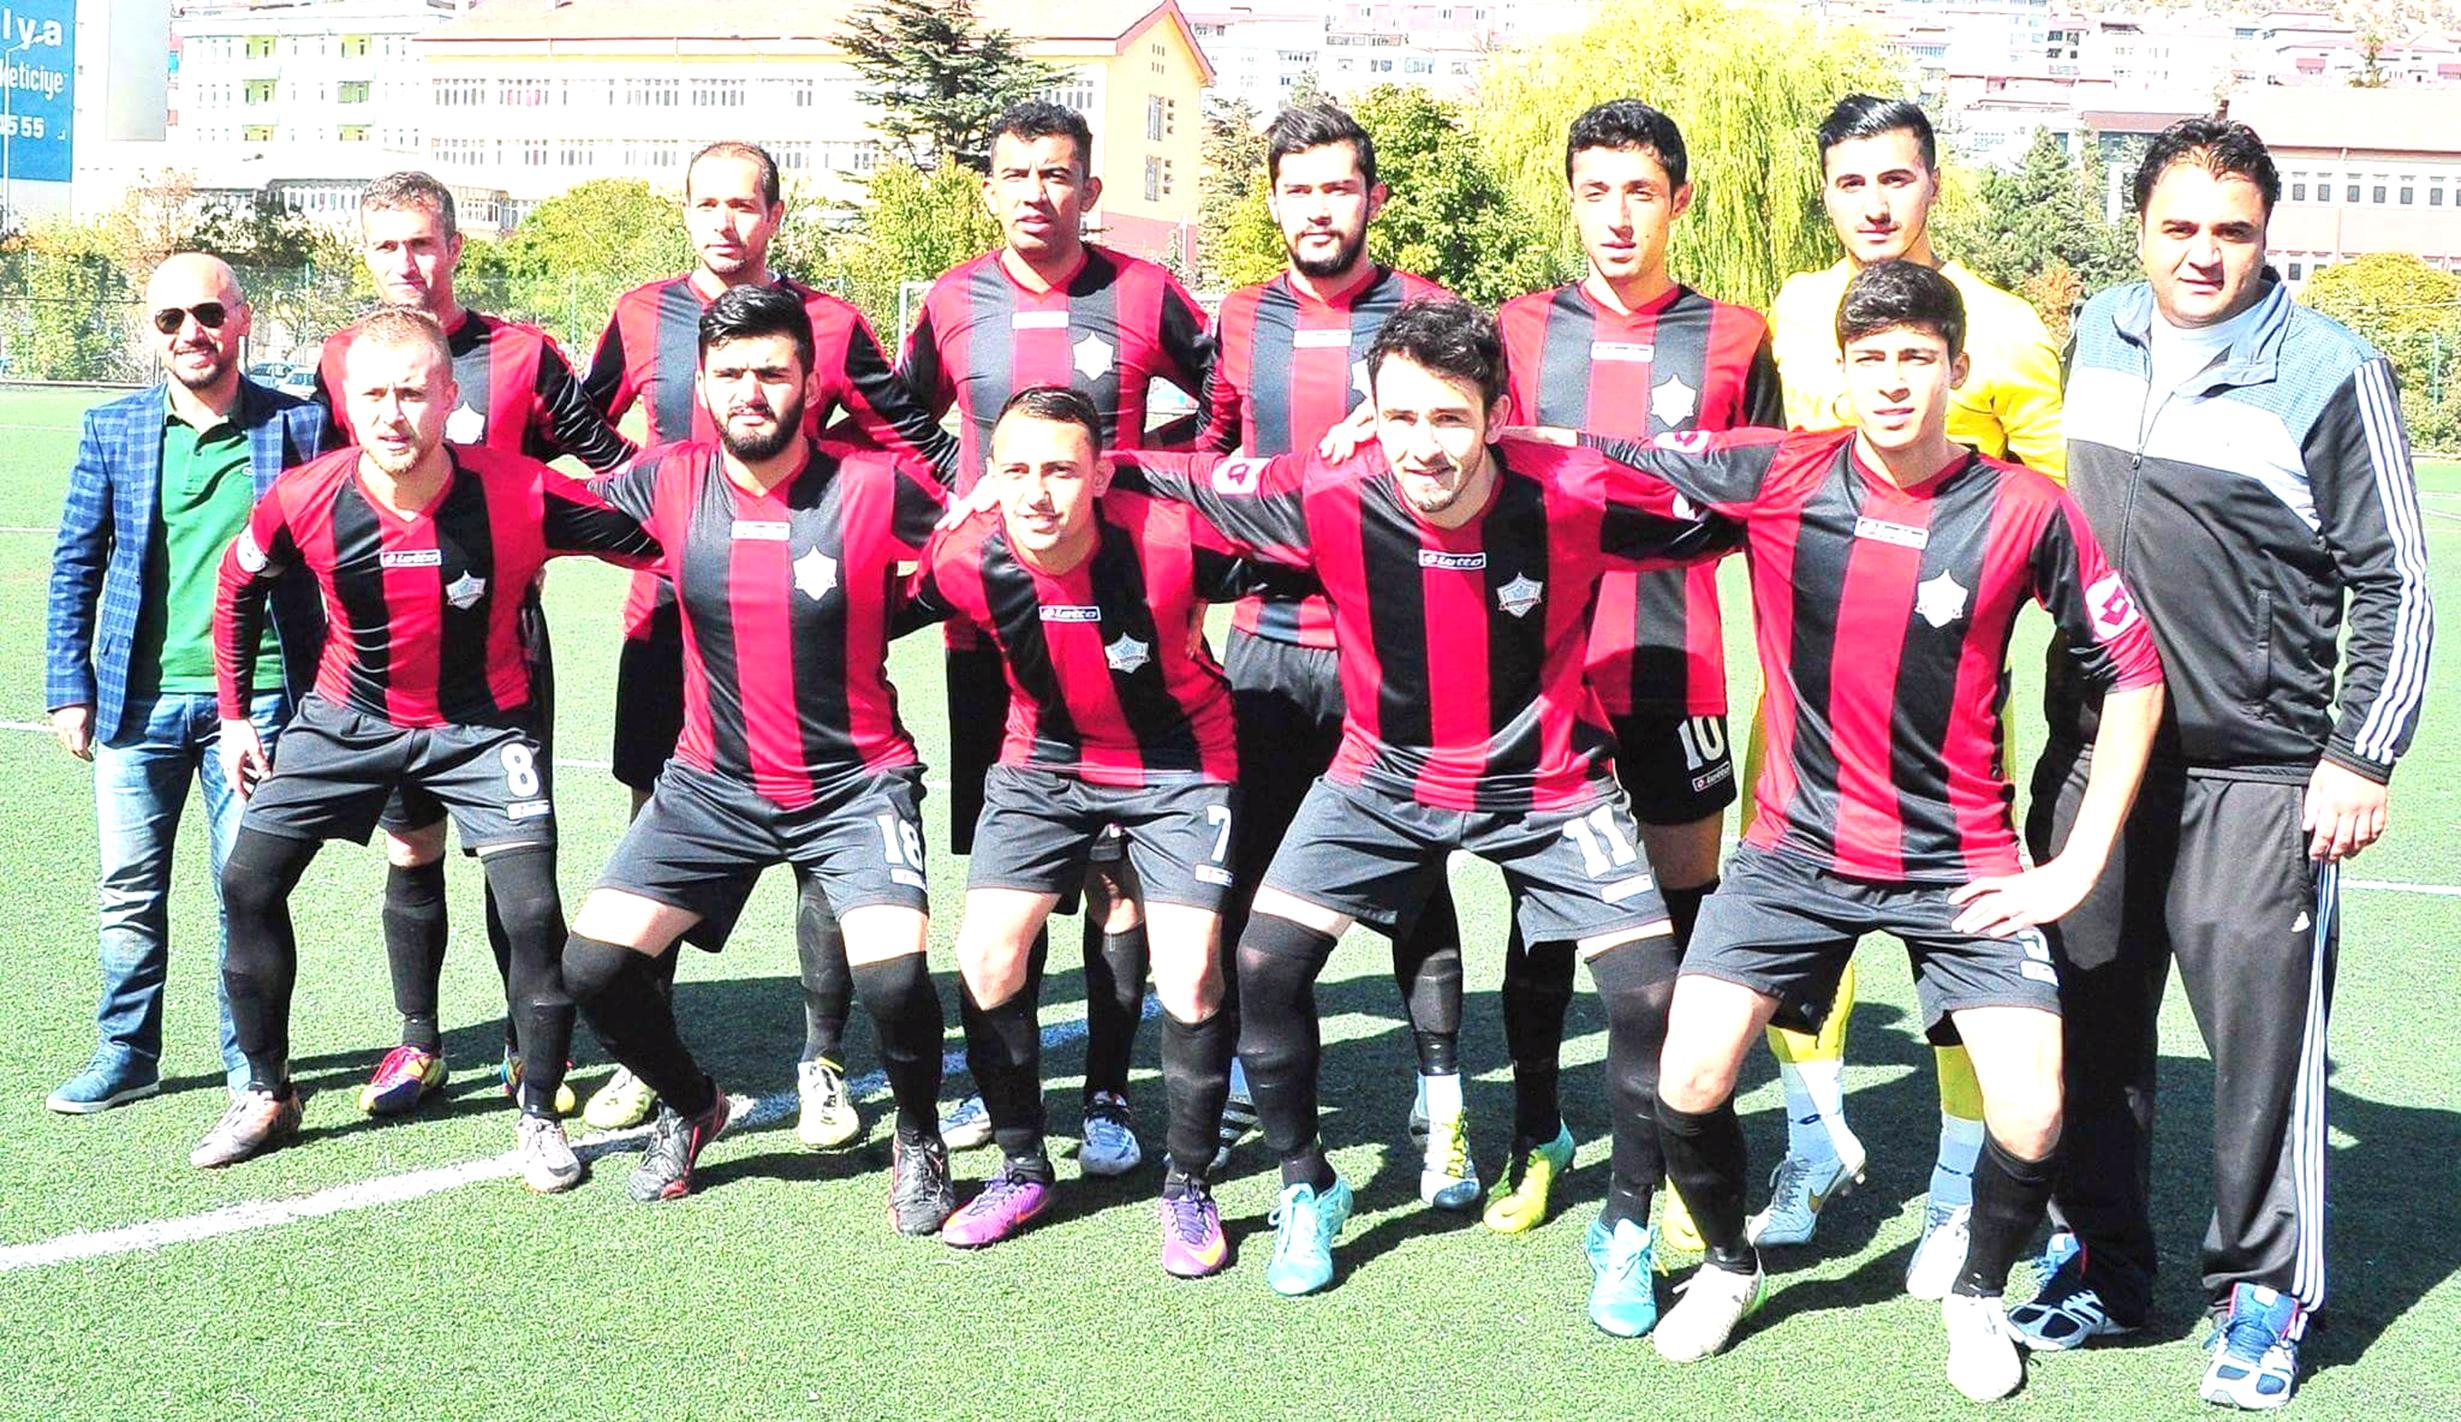 Yemenoğlu Yozgatspor'da  hedef şampiyonluk